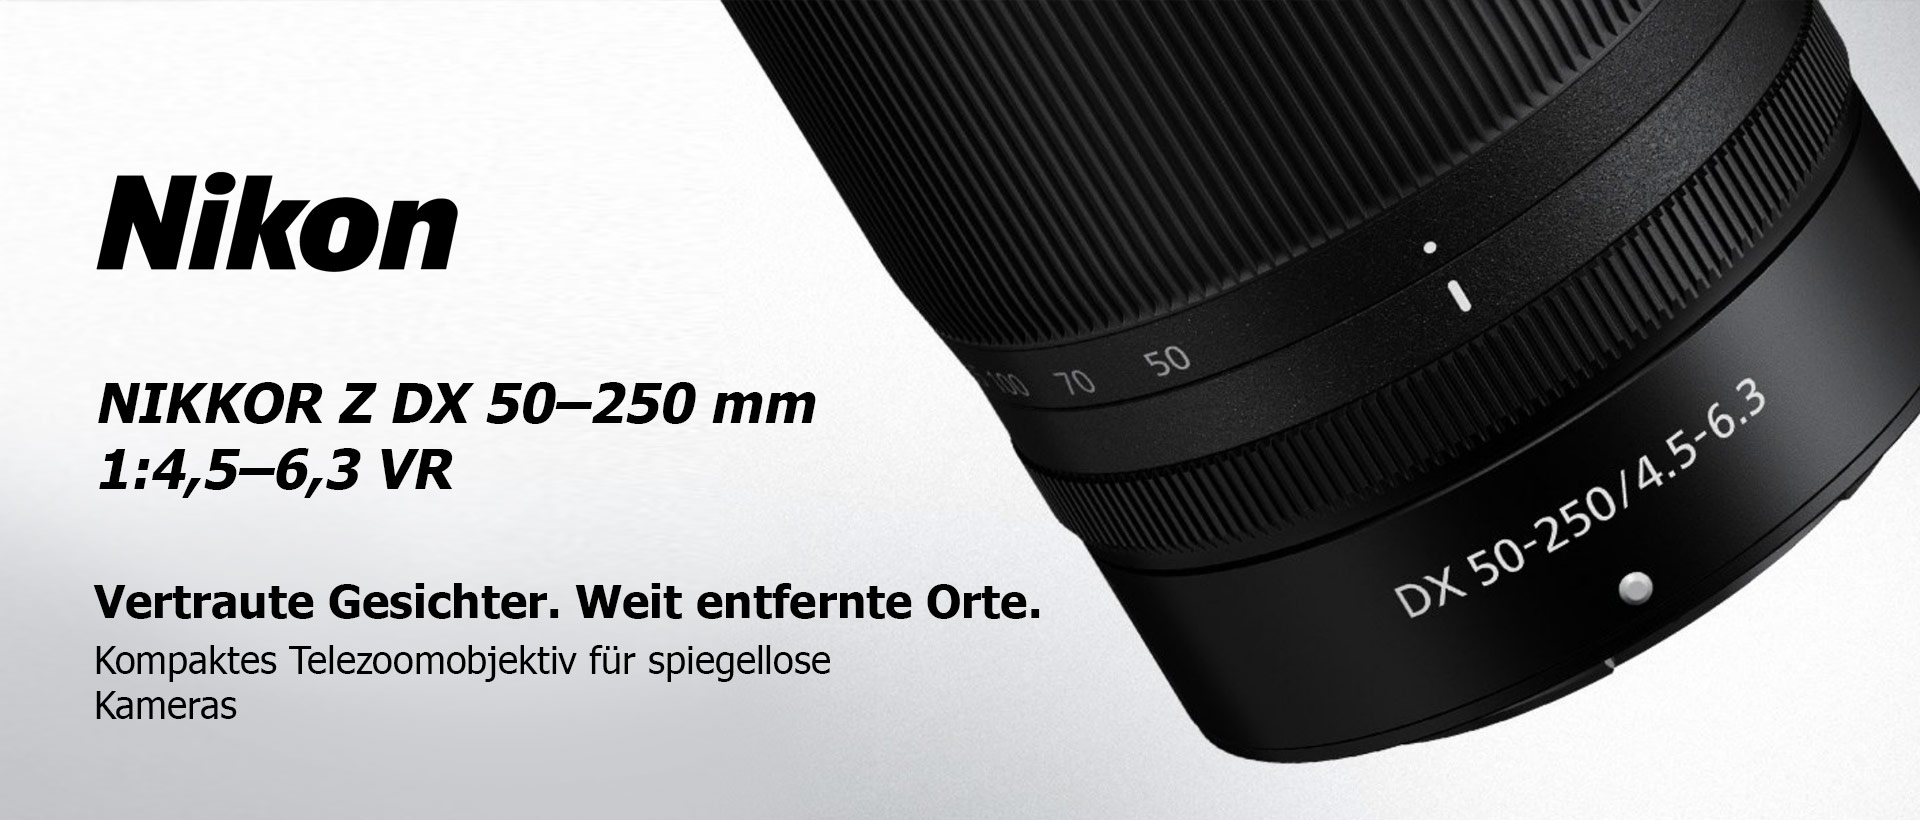 Nikon Nikkor Z DX 50-250mm